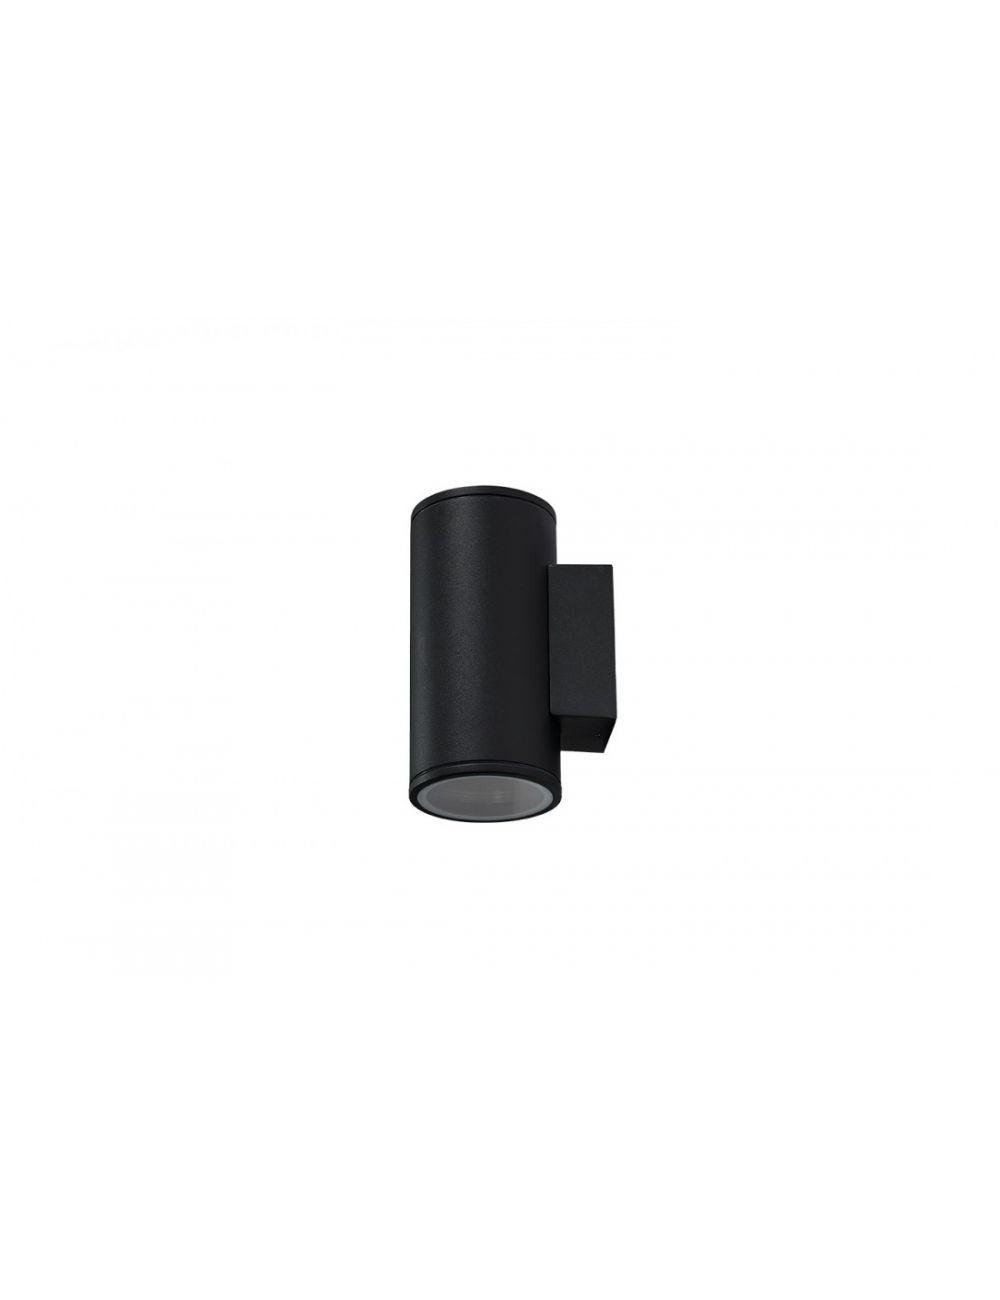 Kinkiet elewacyjny zewnetrzny czarny Joel Wall 2 Azzardo AZ3320